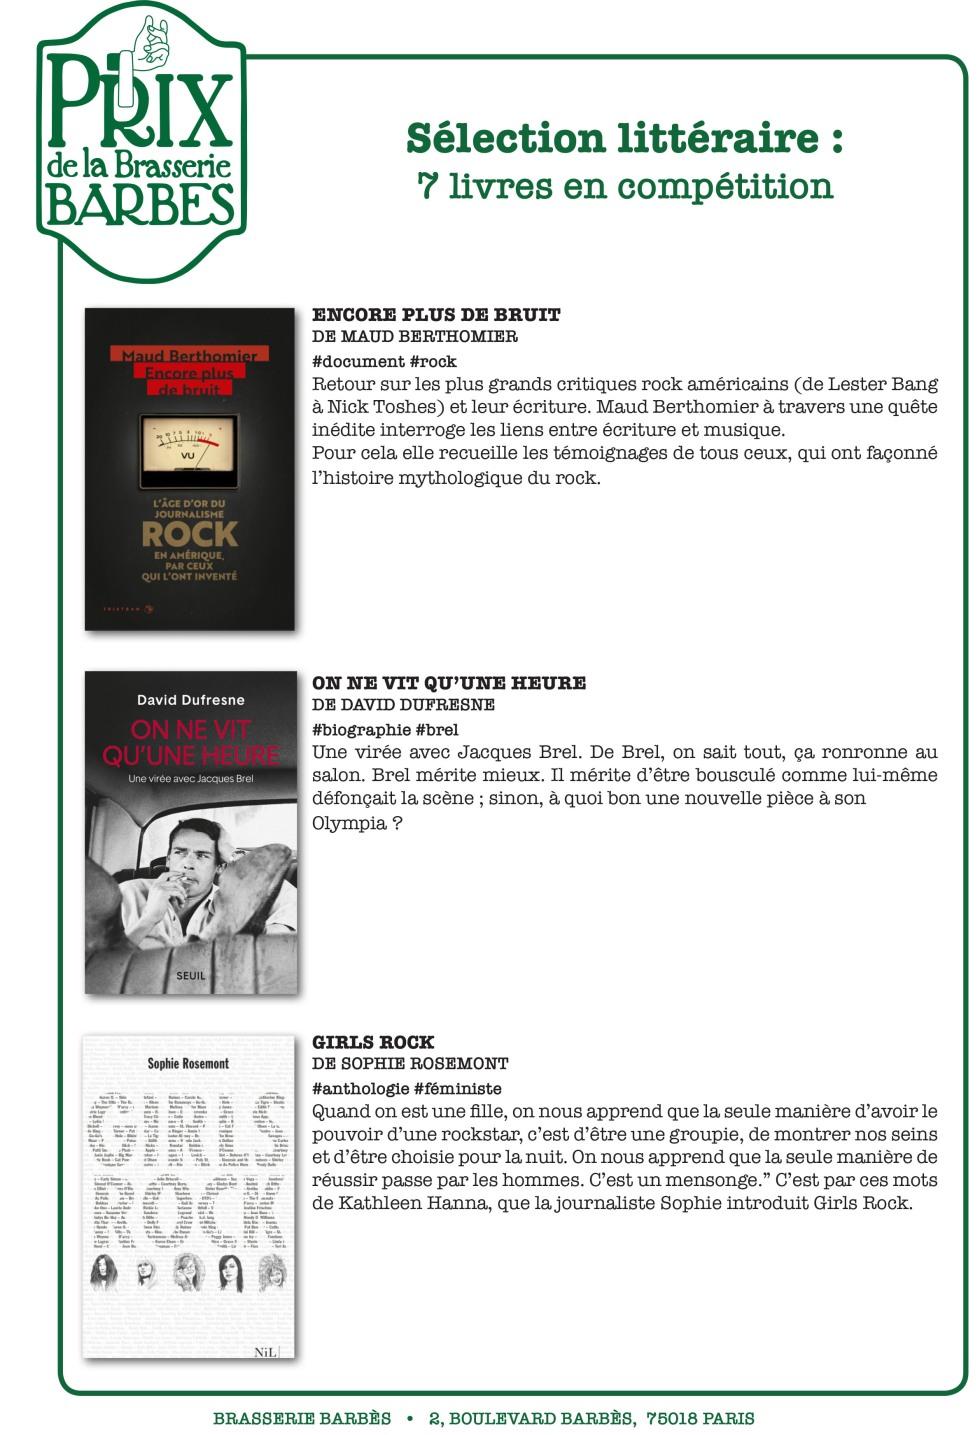 Prix Barbès 2019 - sélection des livres-3